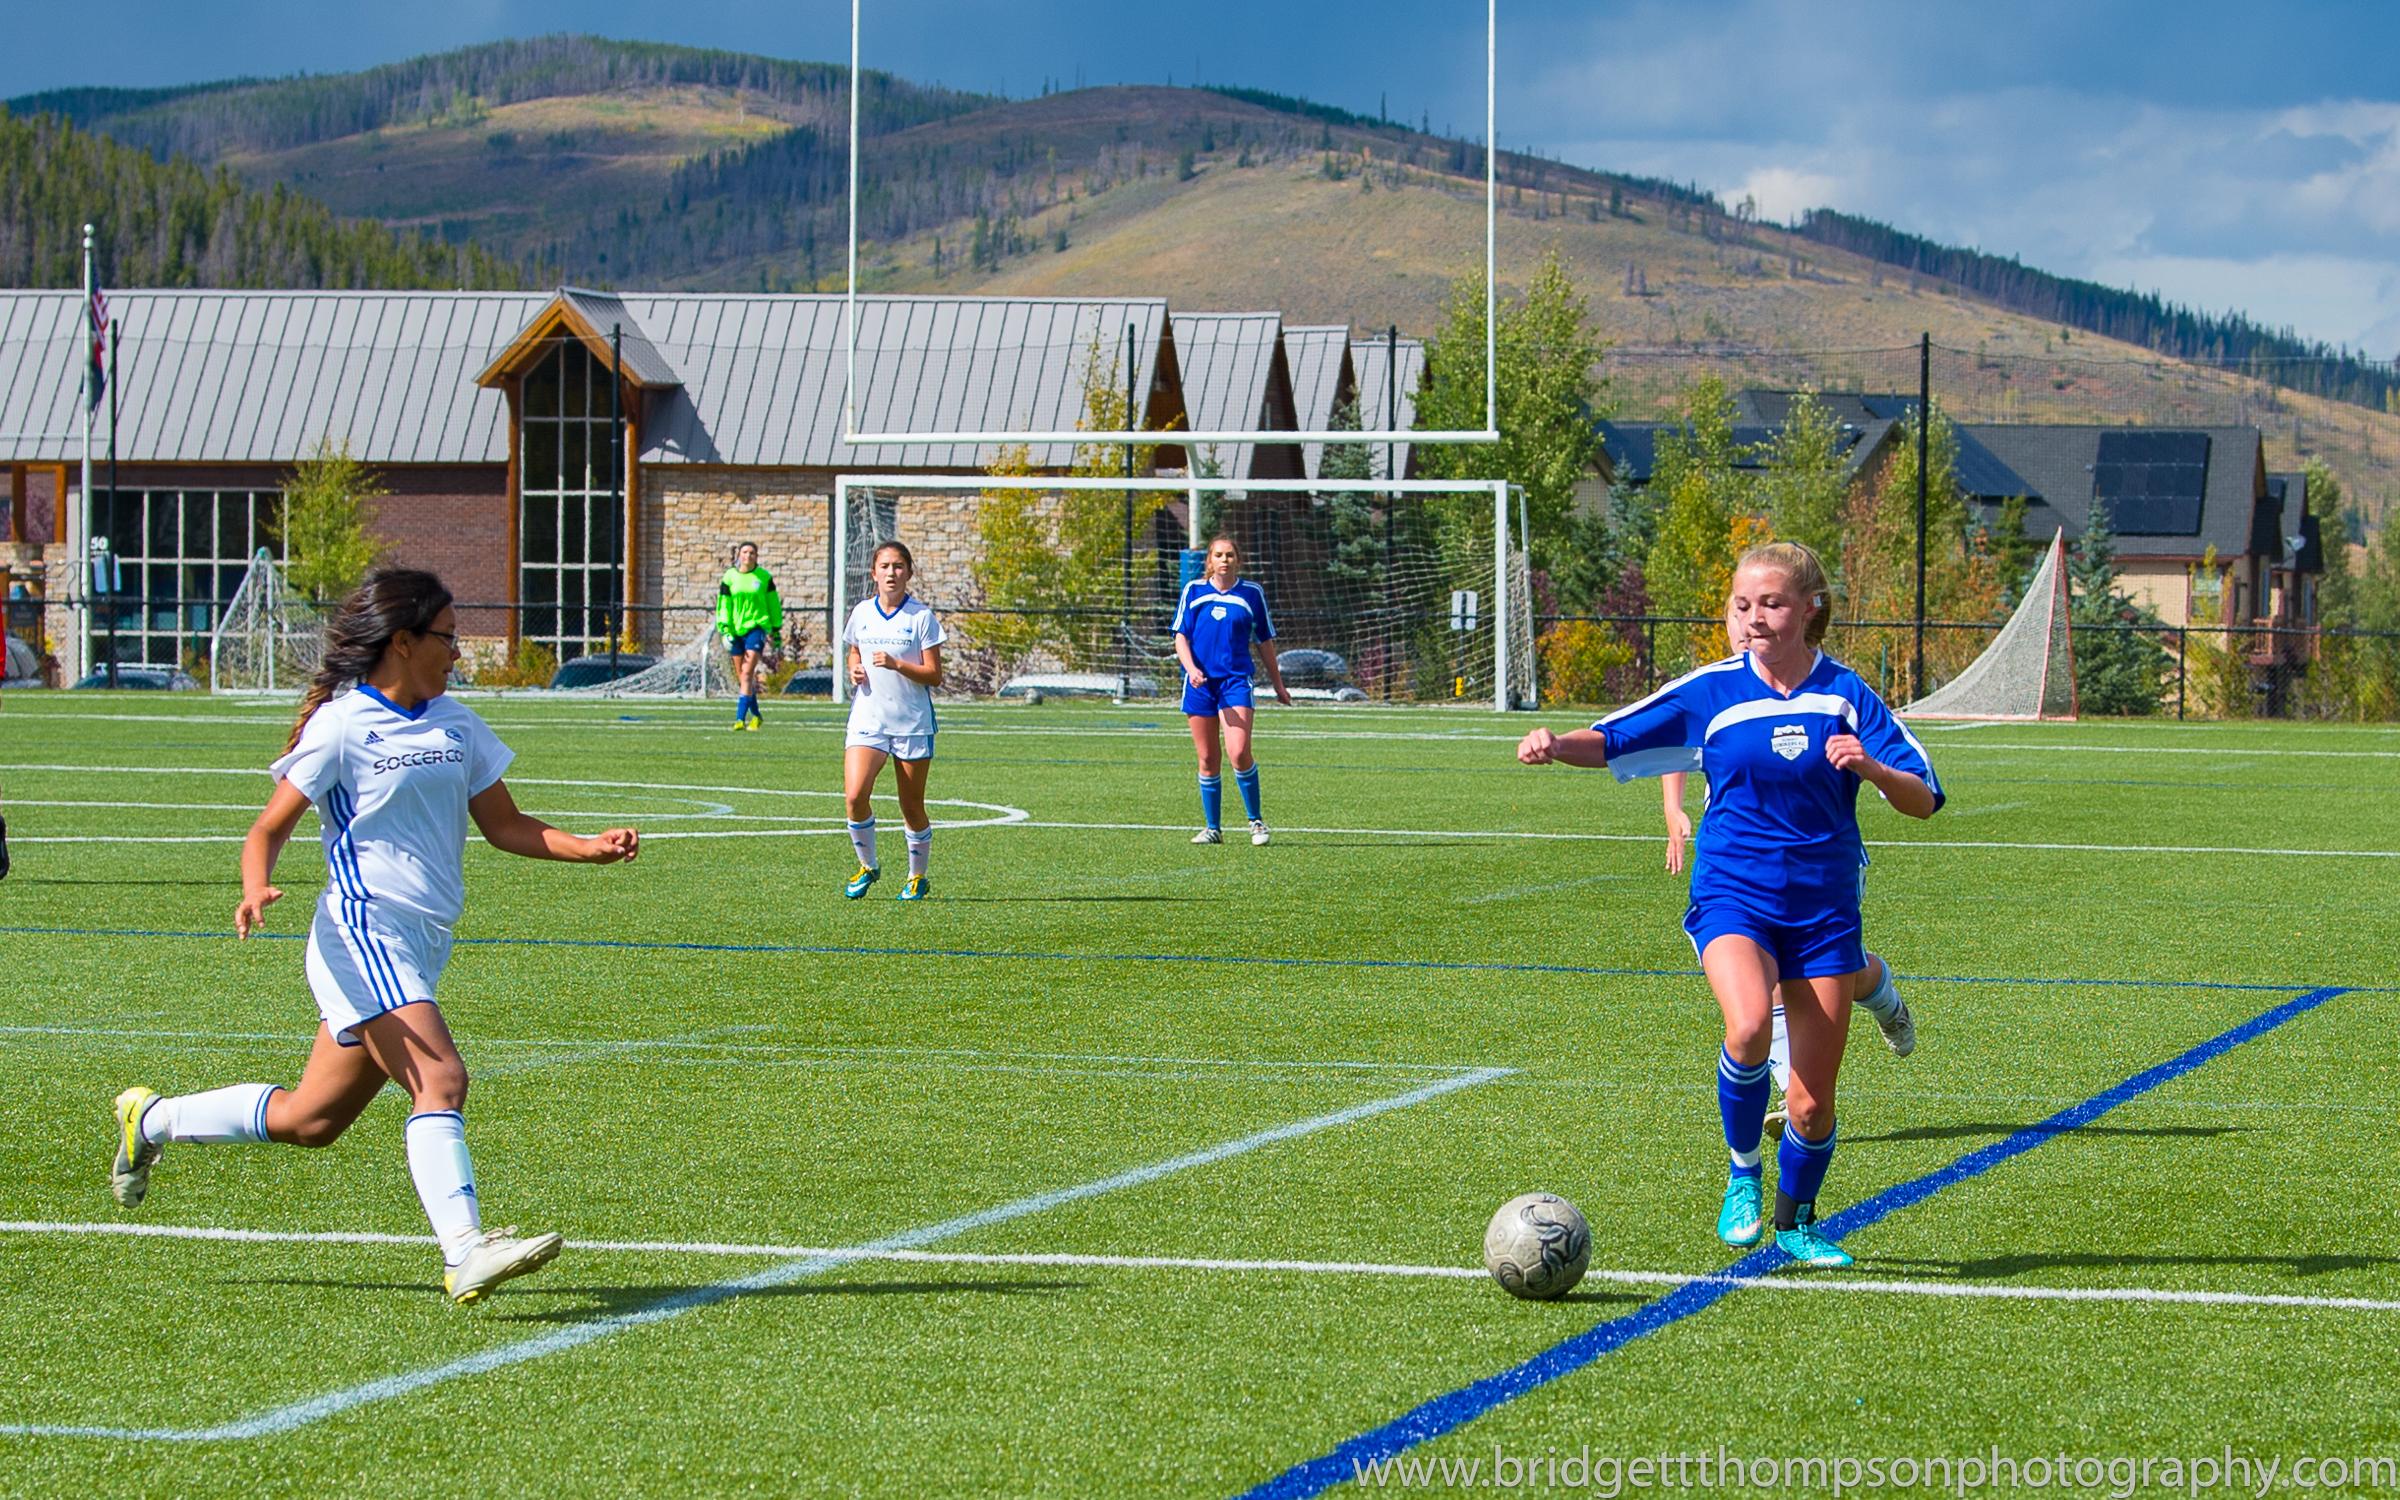 colorado club soccer u19  high country bridgett thomposn fall 2017 batch 2-28.jpg